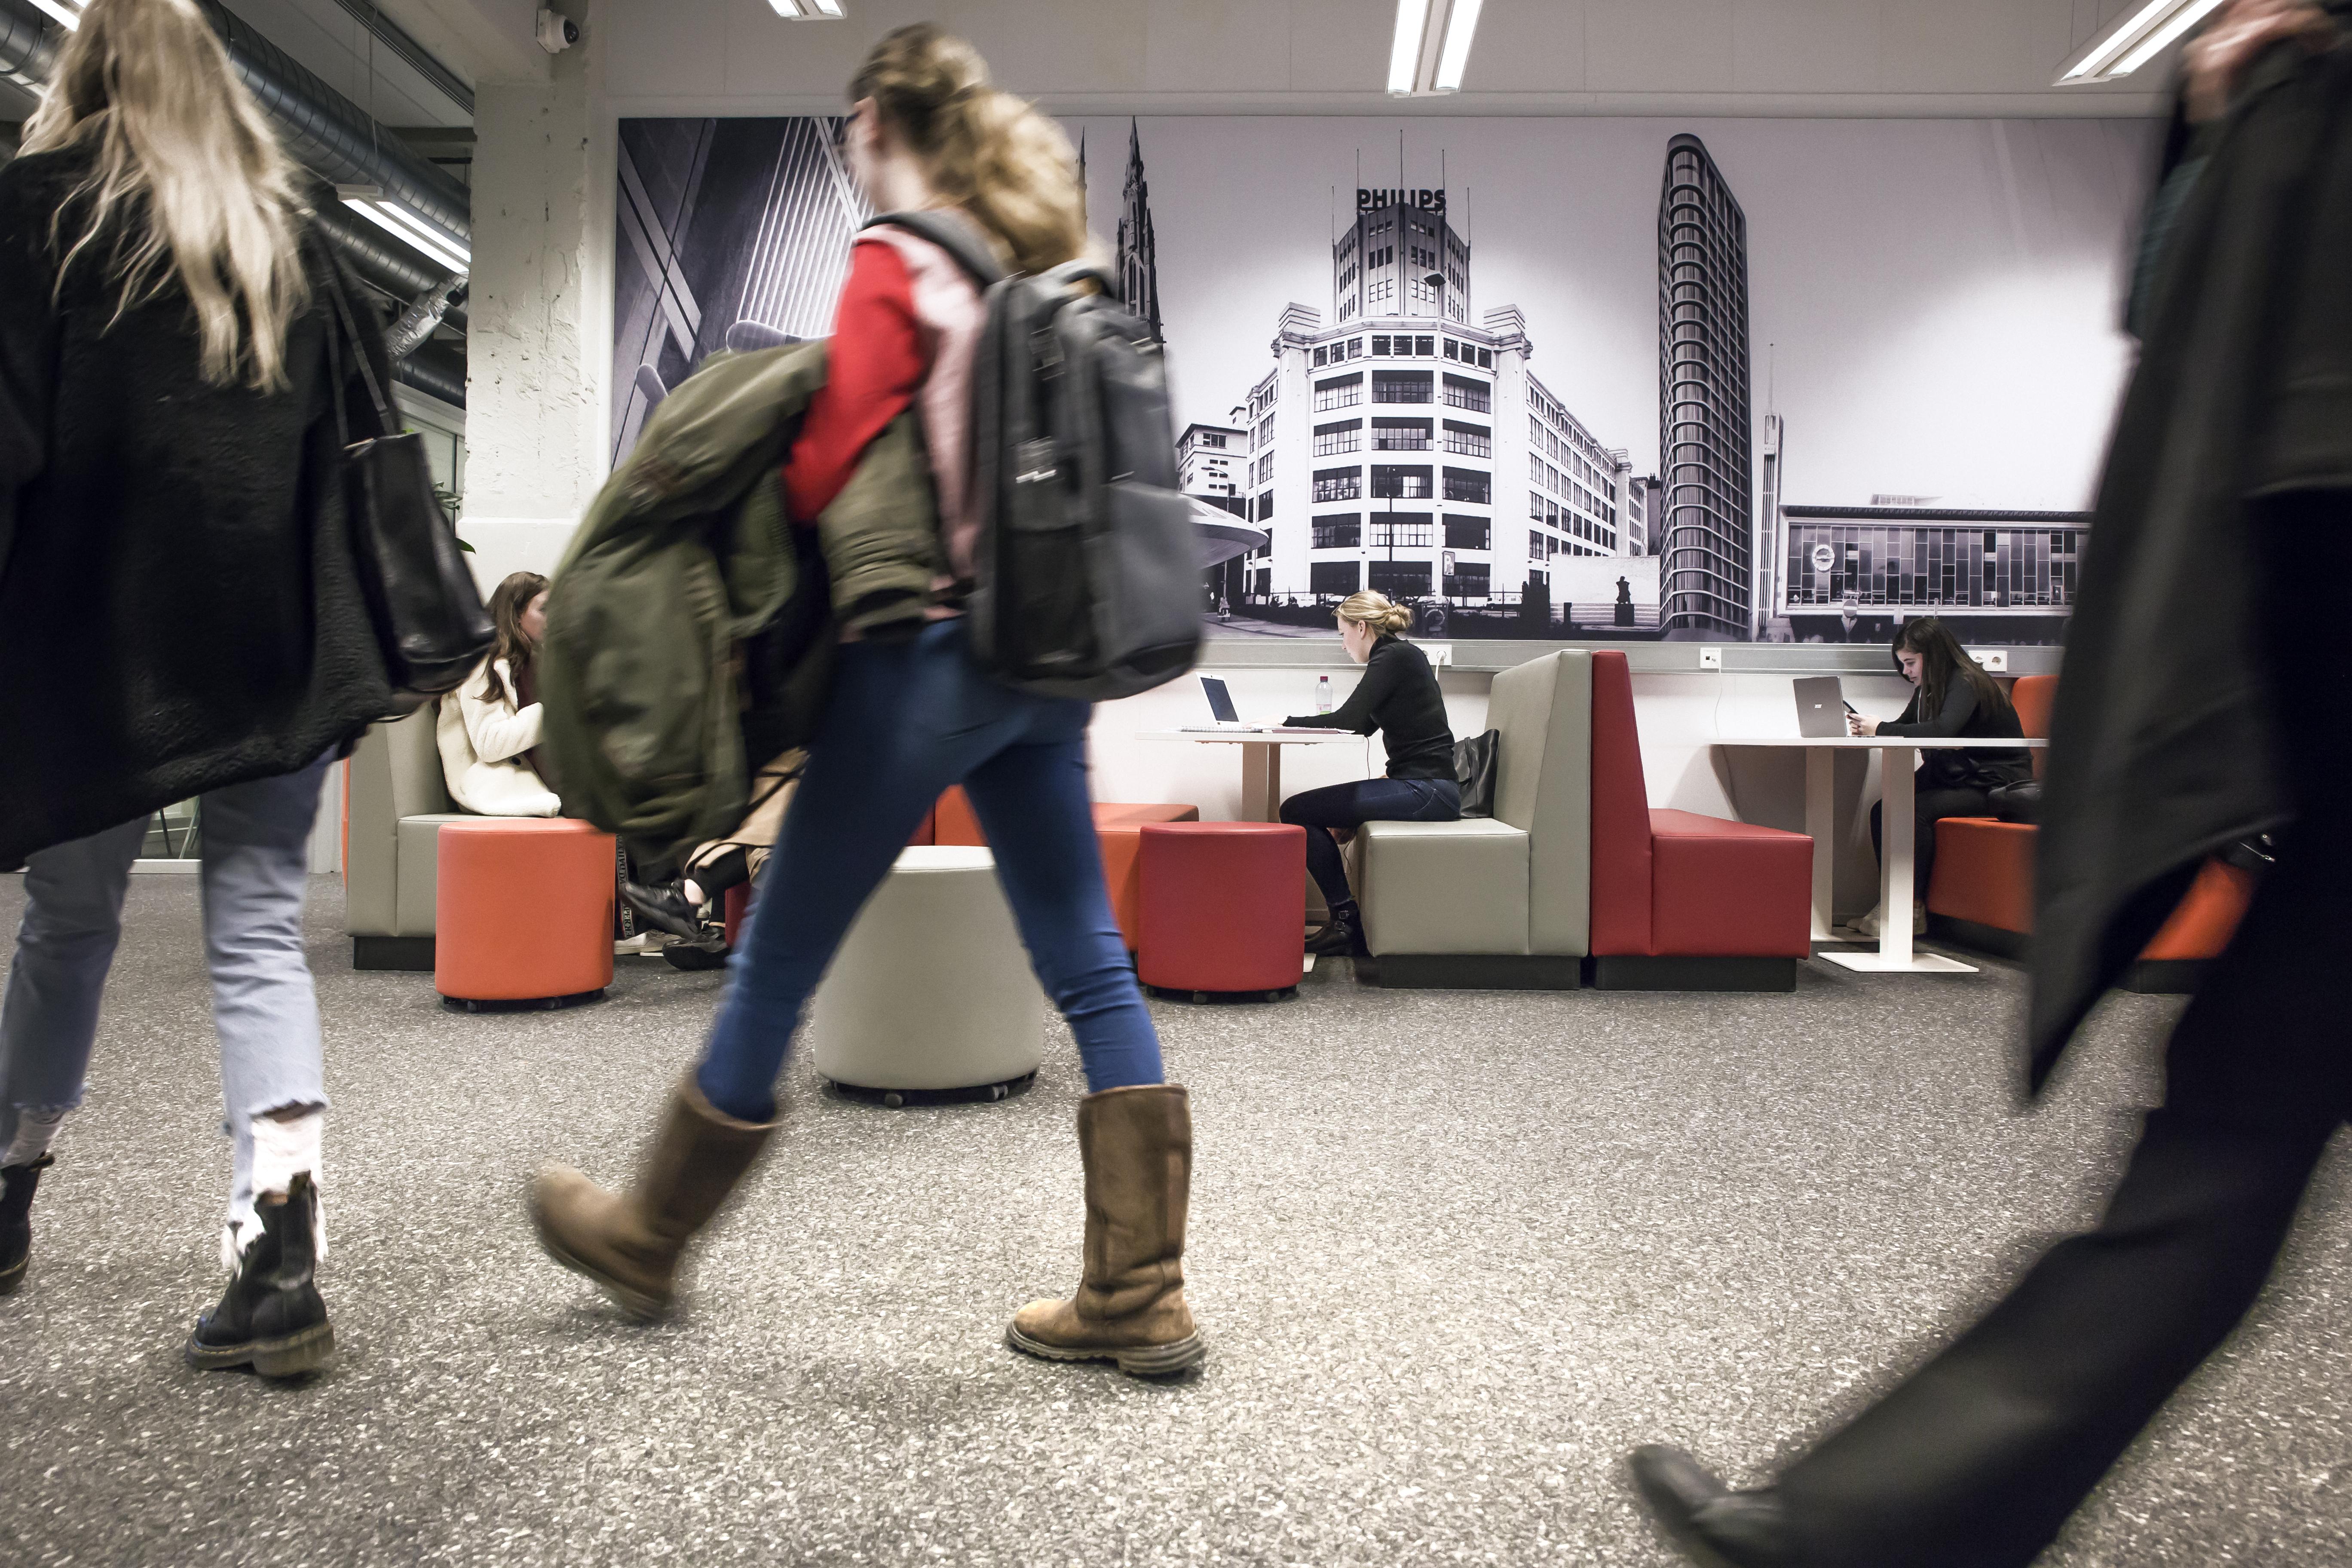 Studiewerkplekken bij Fontys in Eindhoven.